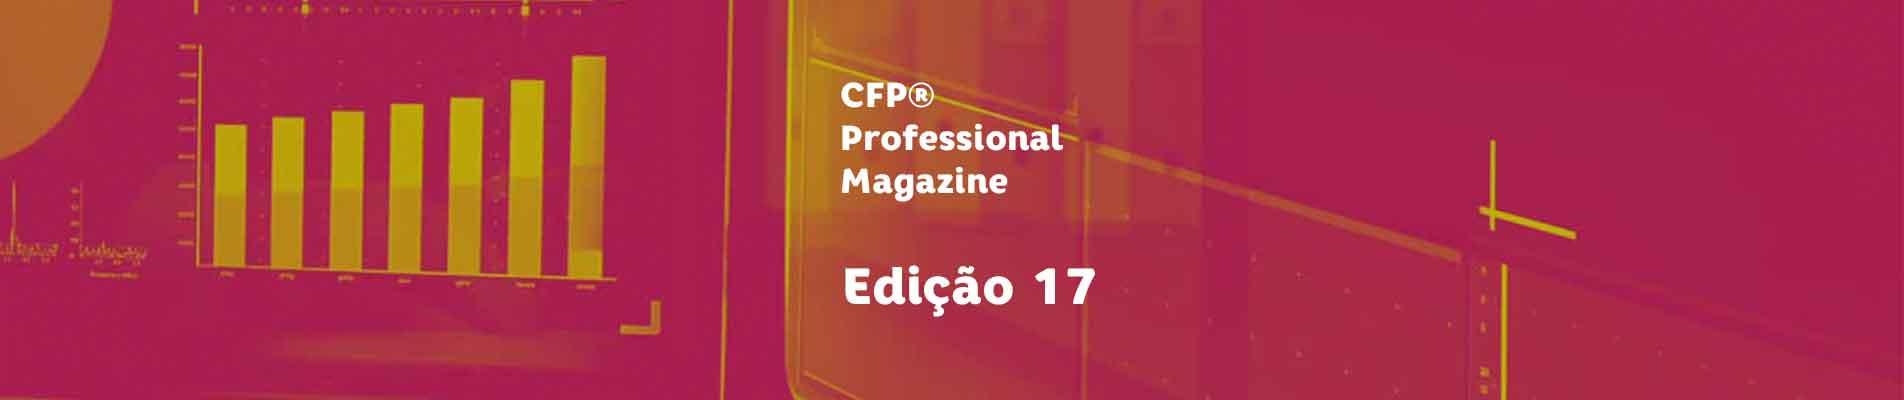 Edição 17 CFP Magazine